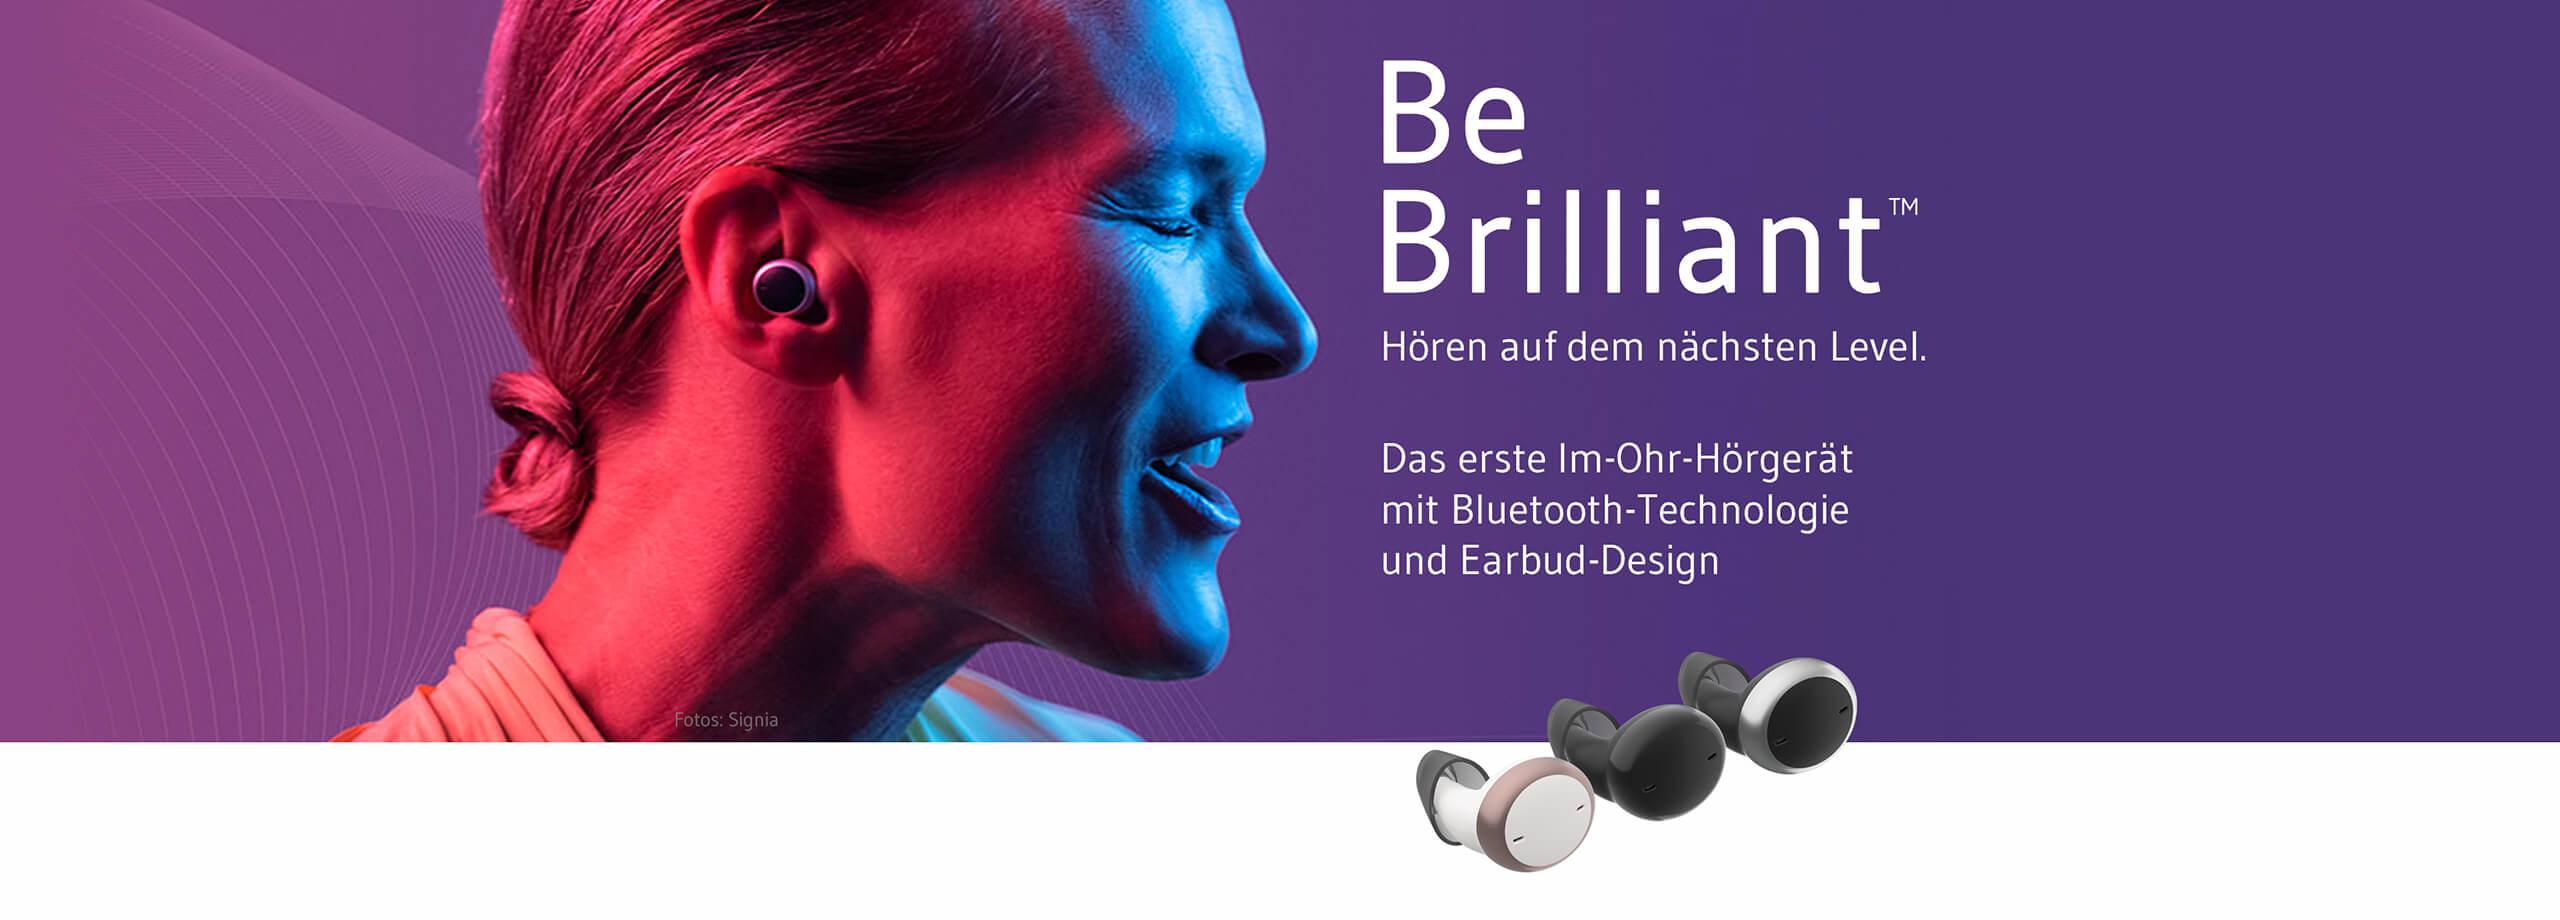 Die neuen Signia-Active-Hörgeräte im Earbud-Design